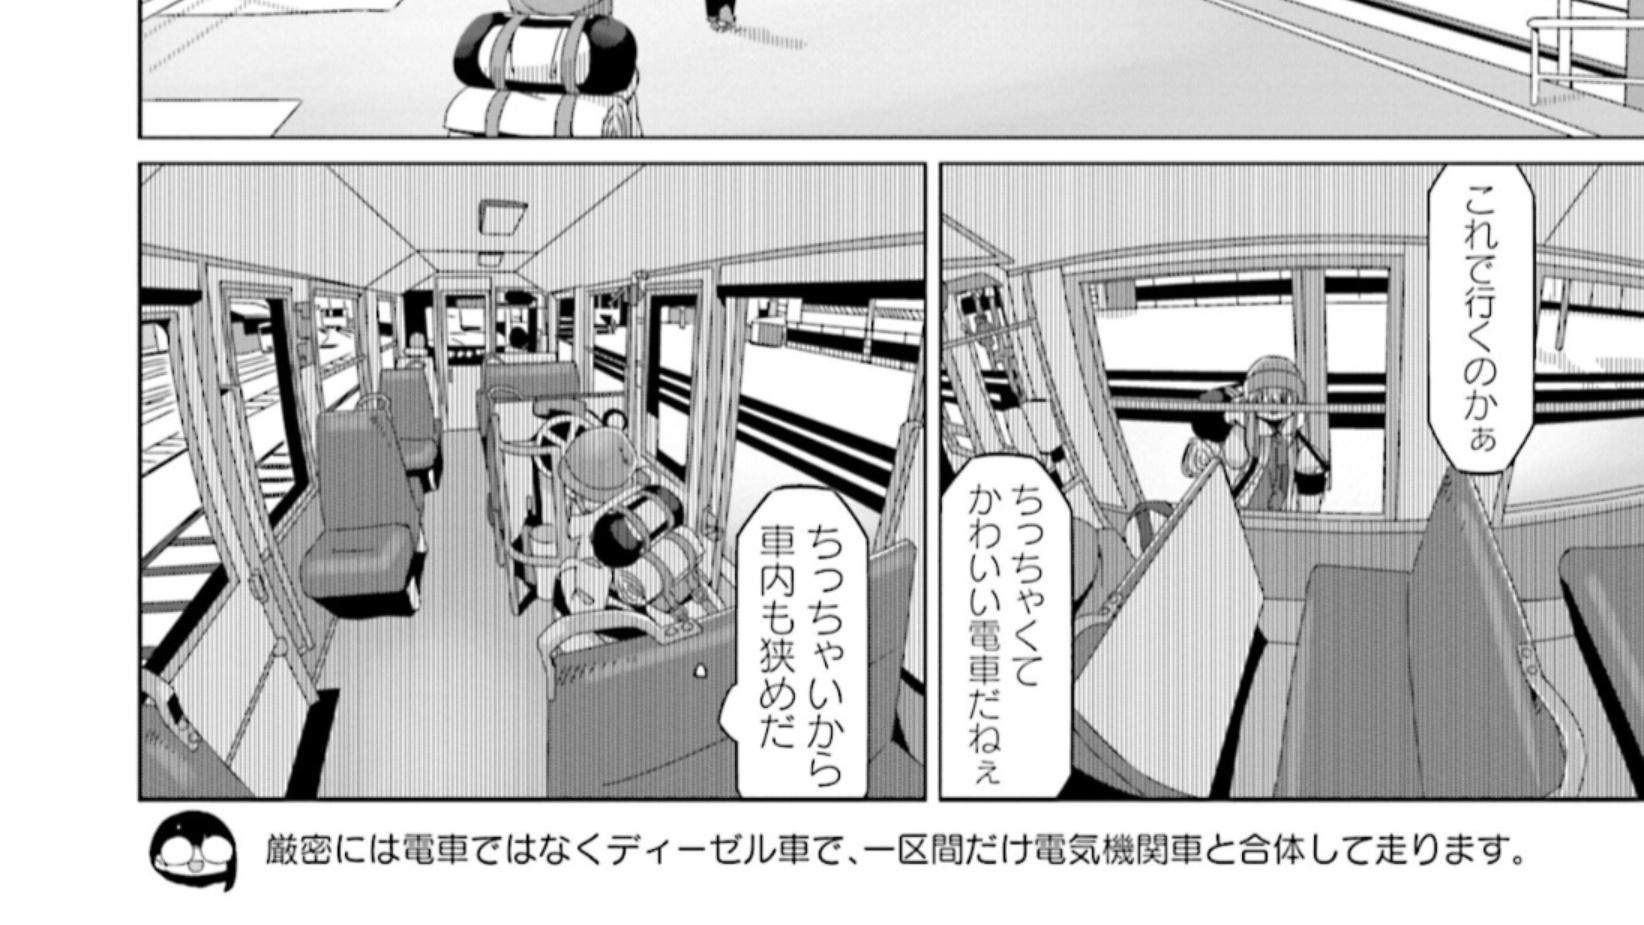 【電車ではなく気動車】「ゆるキャン」最新11巻で面倒くさい鉄オタ対策が 一体どういうこと?